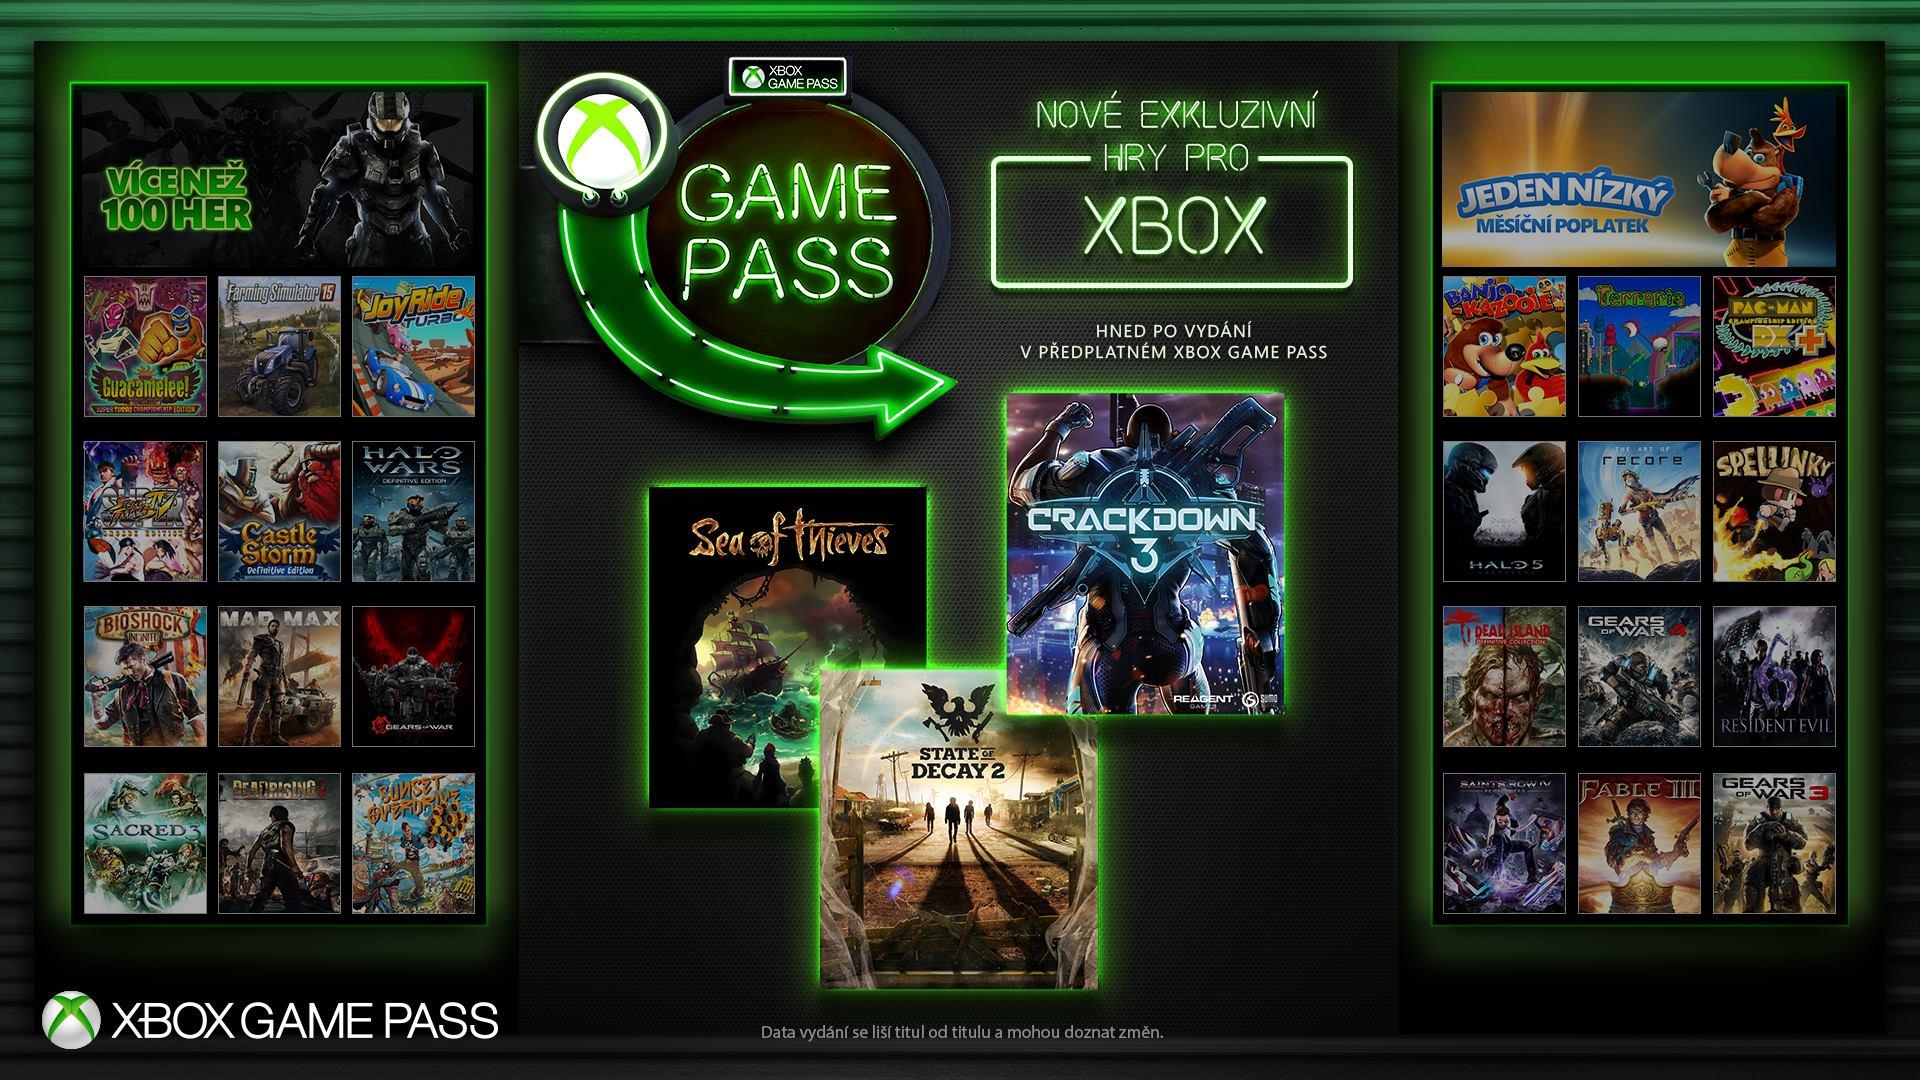 Nové exkluzivní hry pro Xbox budou hned v Xbox Game Passu 155181